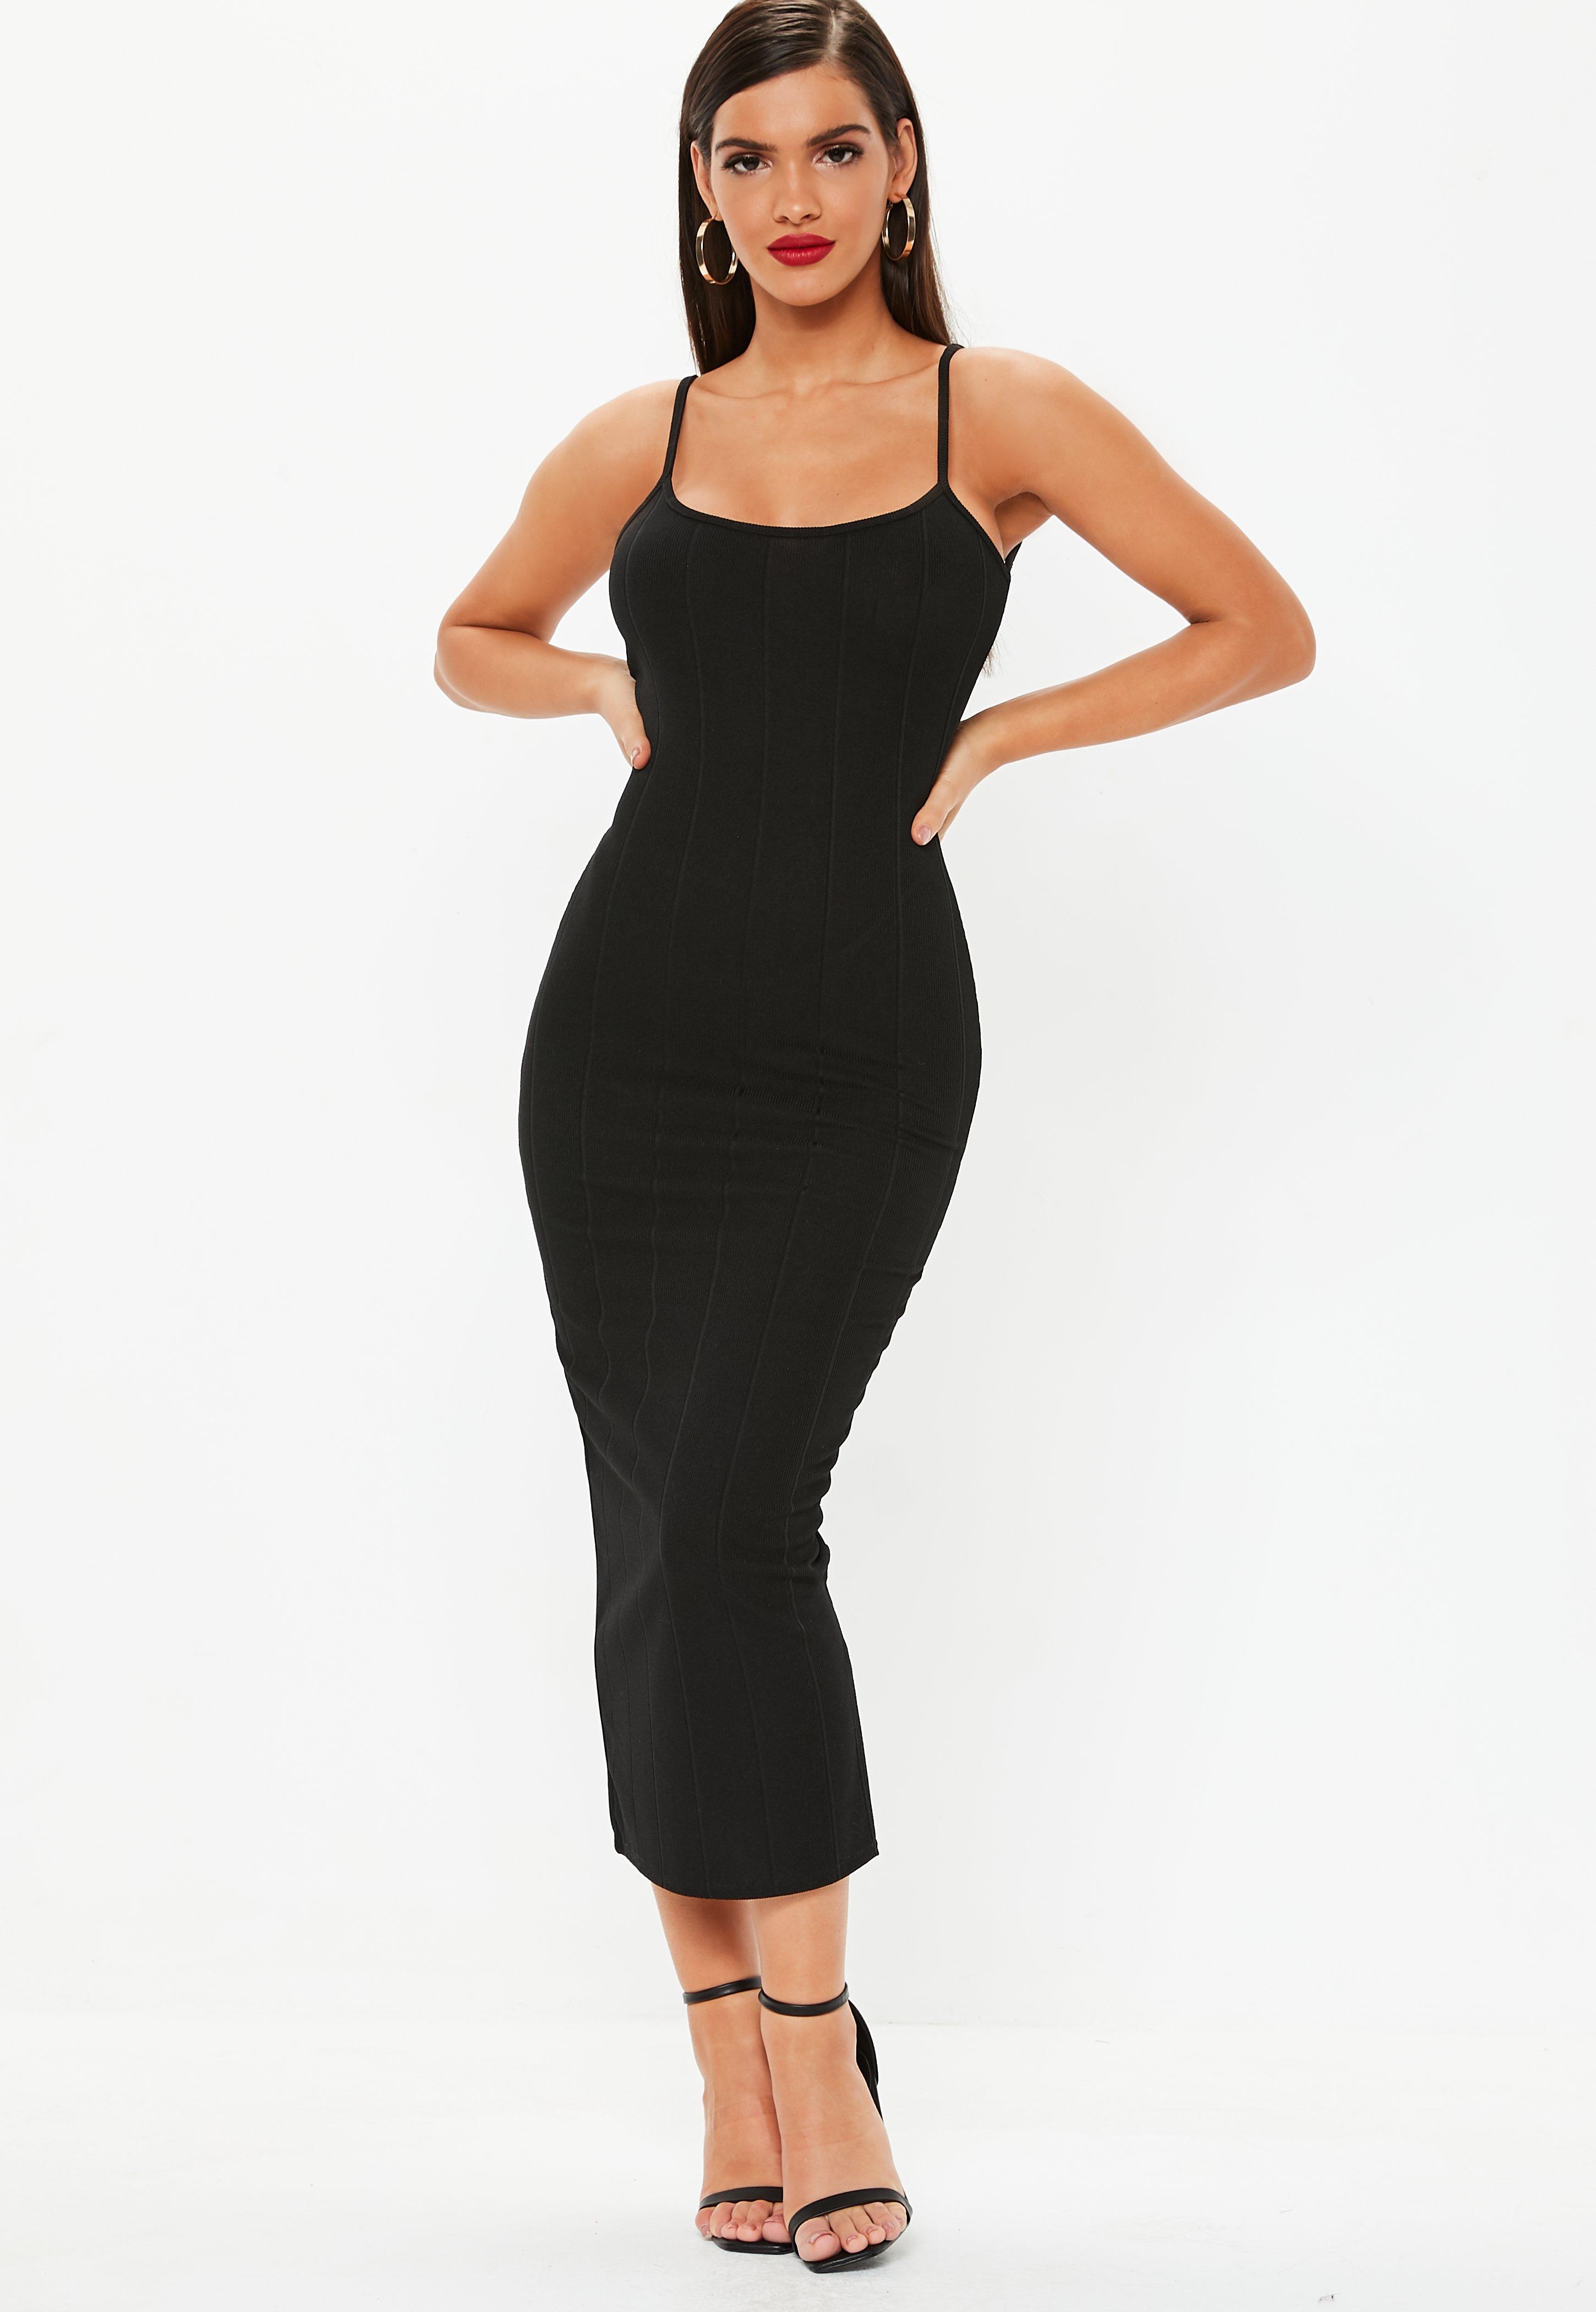 Hochwertige schwarze kleider